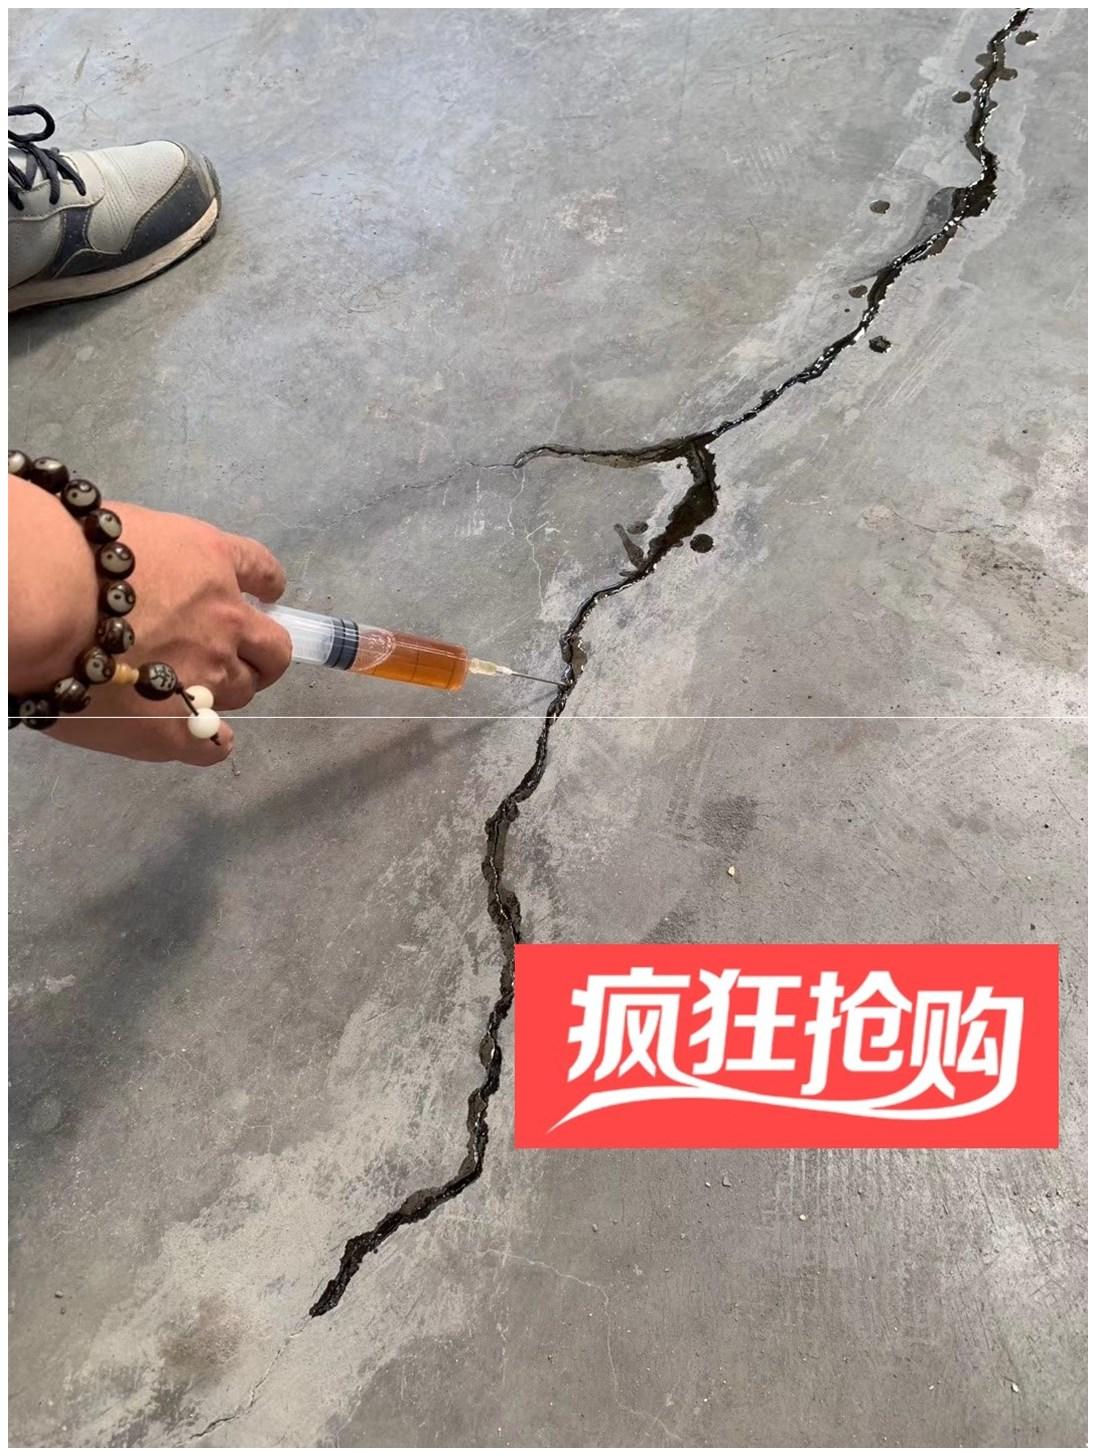 混凝土裂缝修补剂环氧高渗透裂缝修补胶混凝土龟裂修补胶基础建材